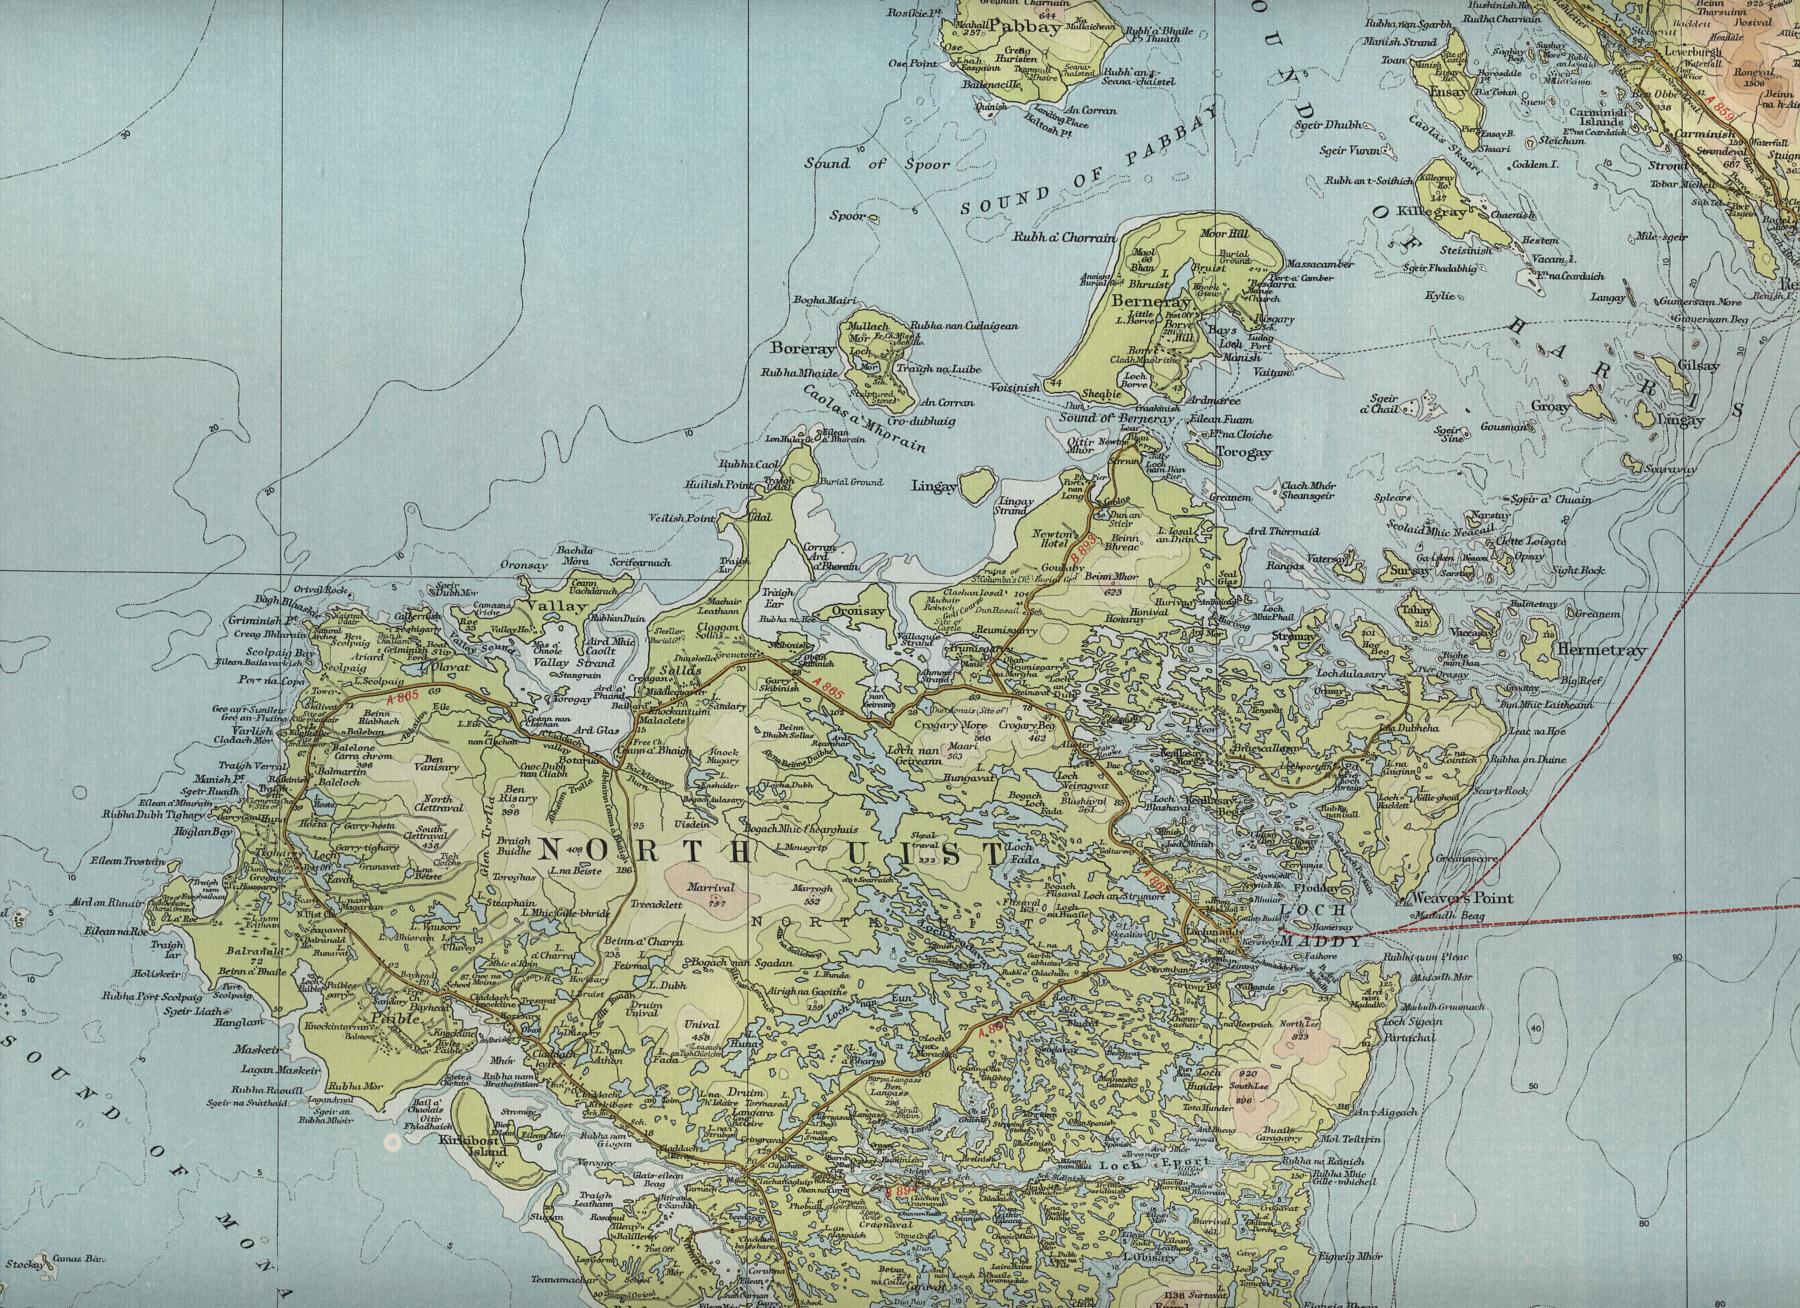 North Uist Map